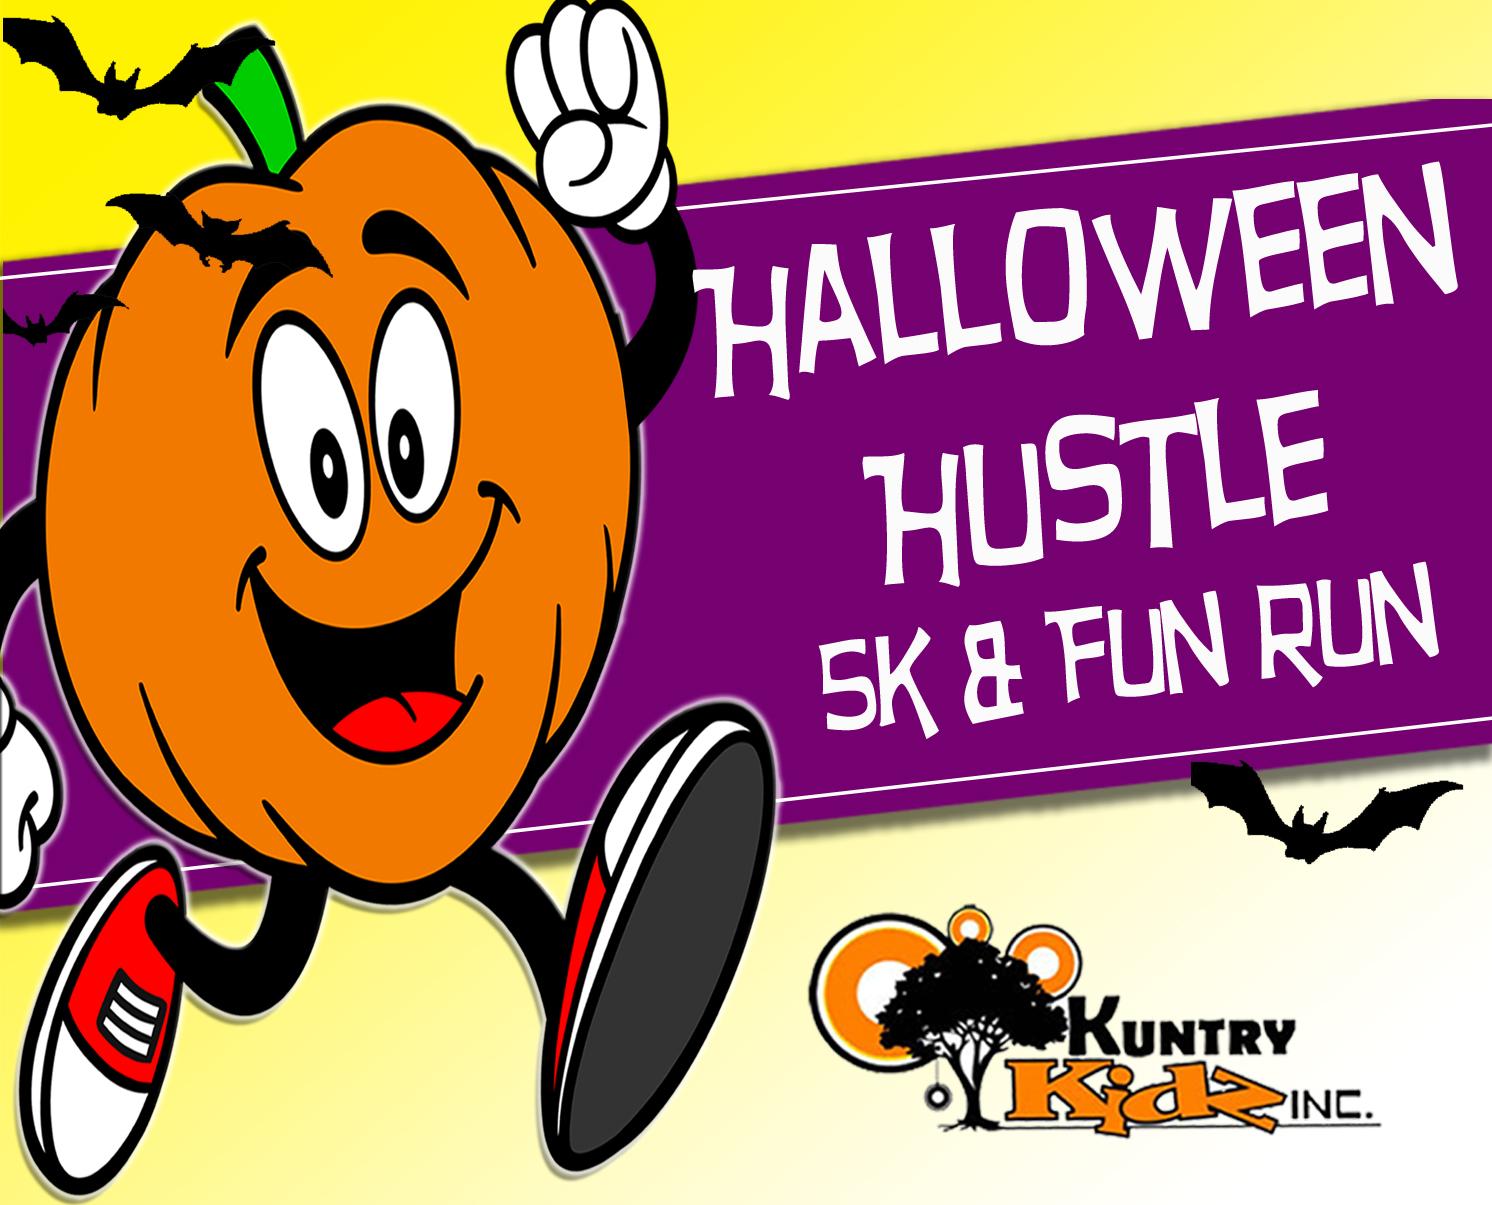 images.raceentry.com/infopages/halloweenhustle5k-infopages-1674.jpg